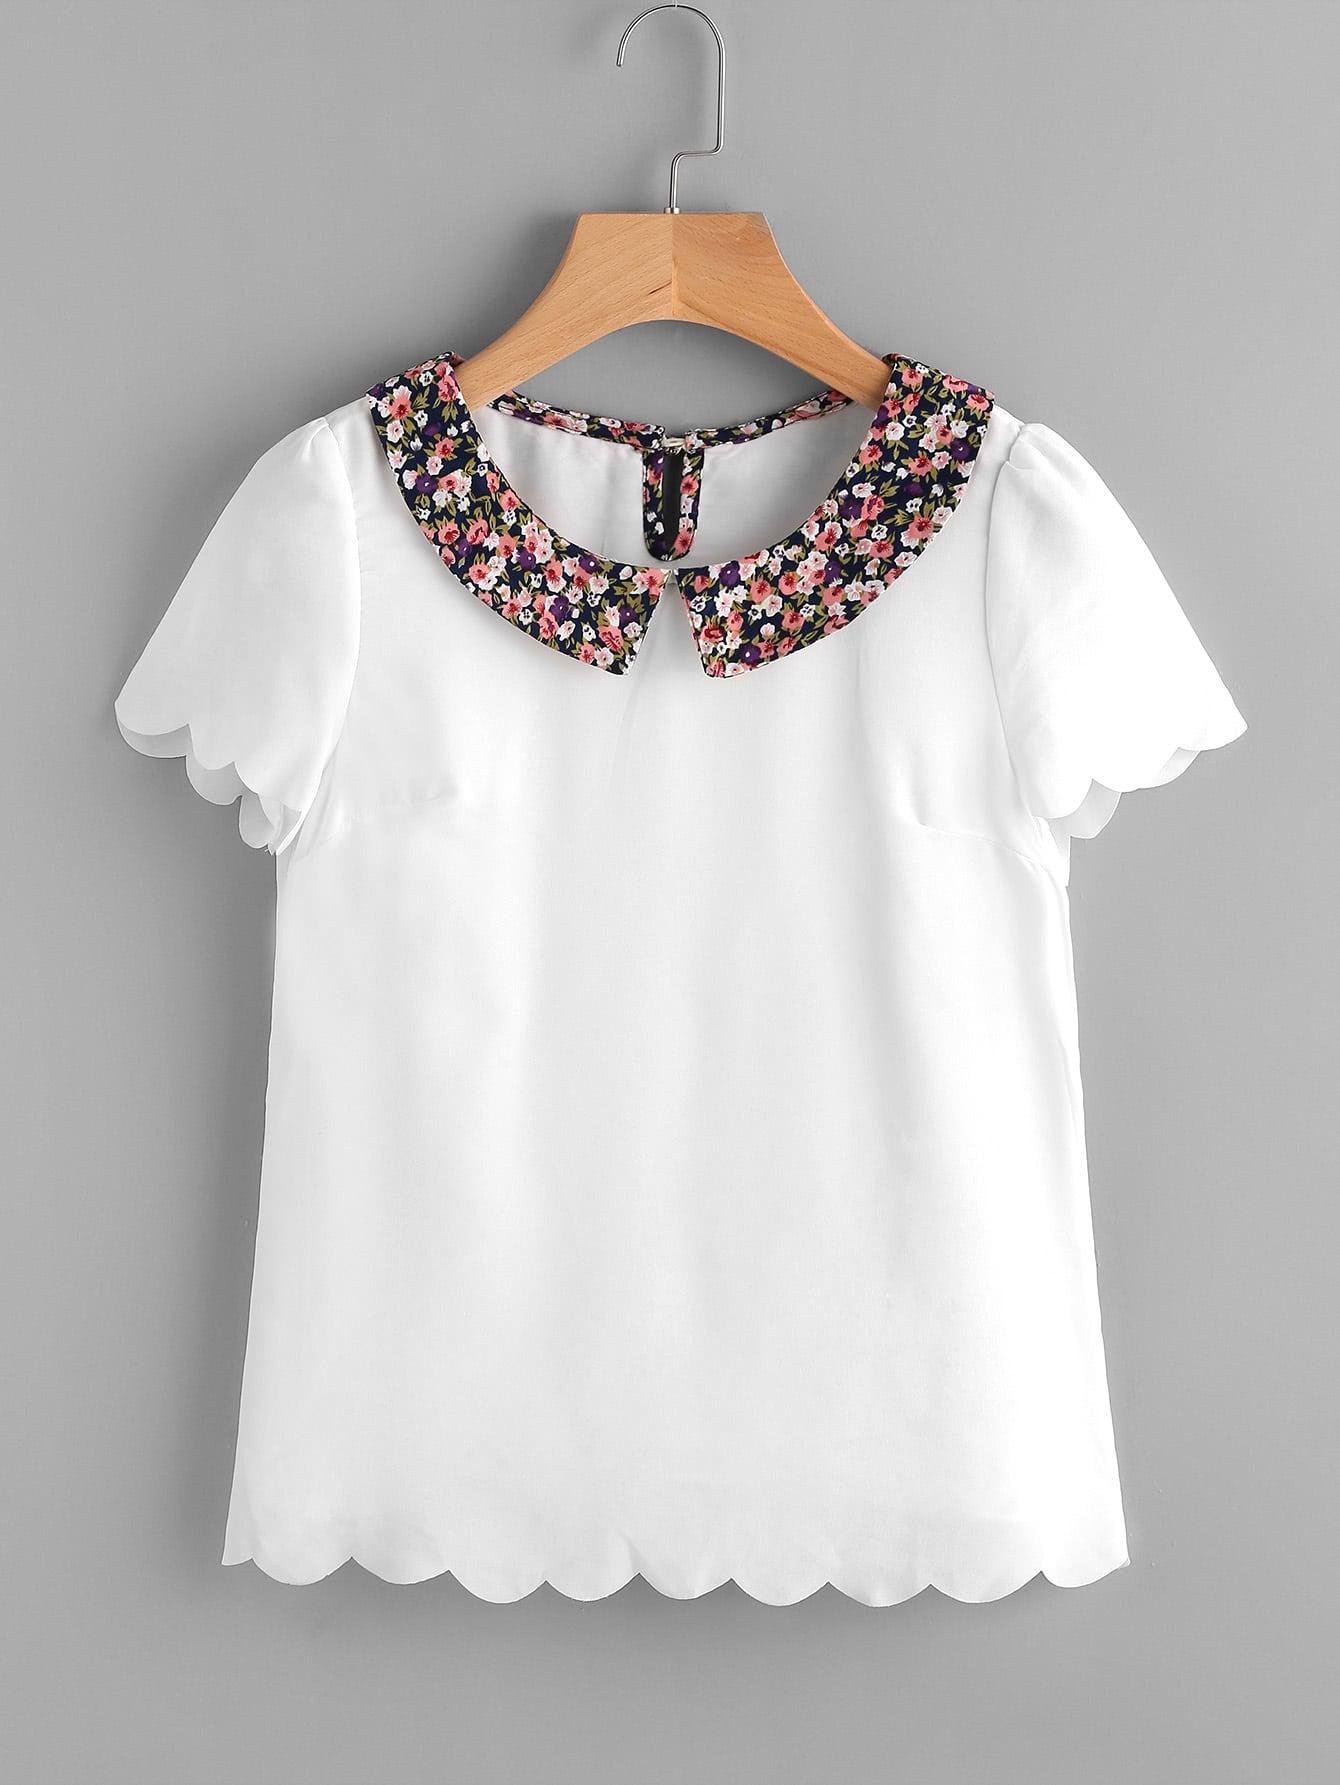 Купить Модная блуза с принтом и фестонами, null, SheIn